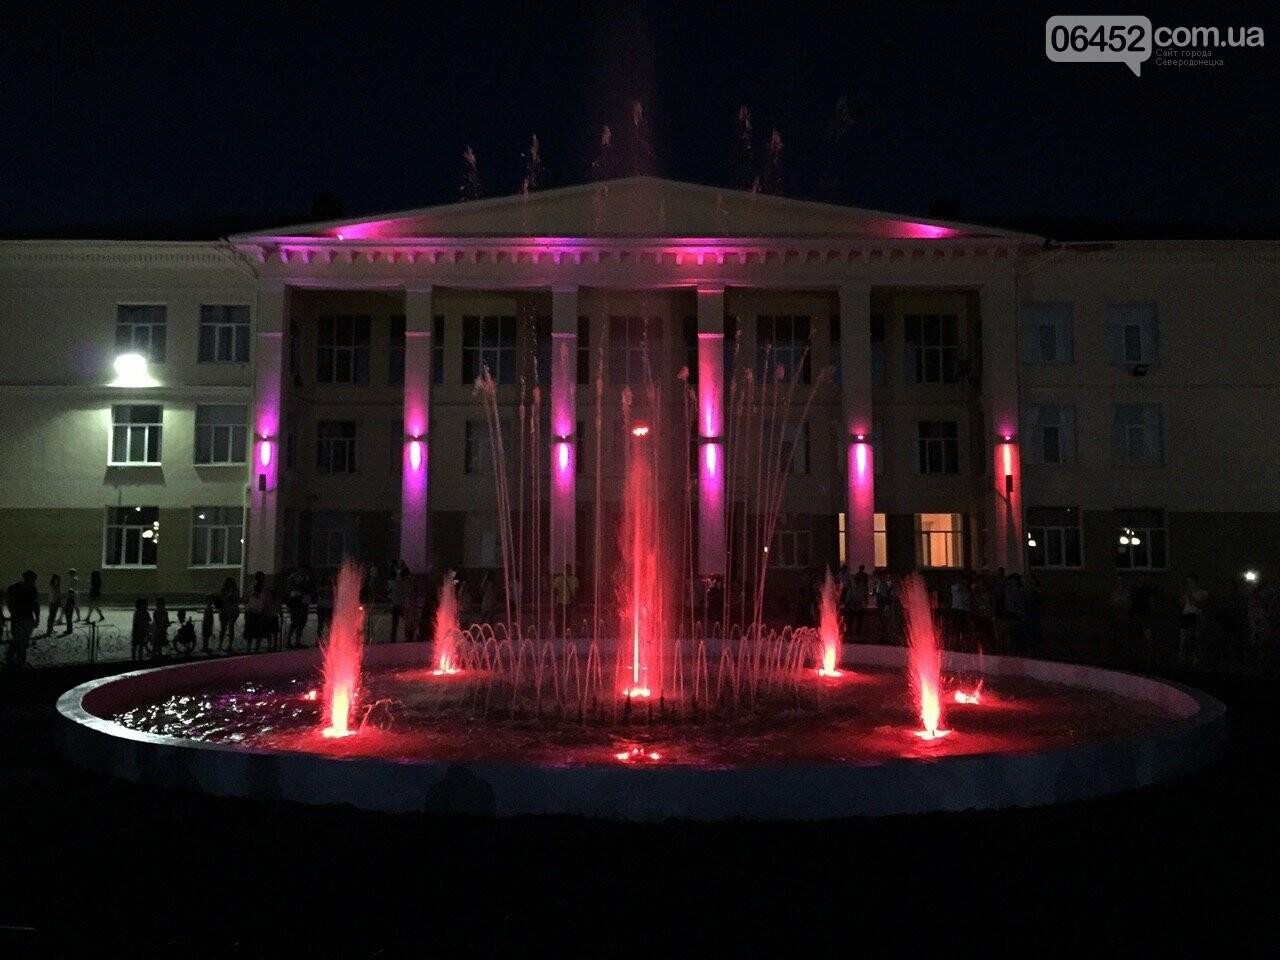 Северодонецк - город фонтанов, фото-1